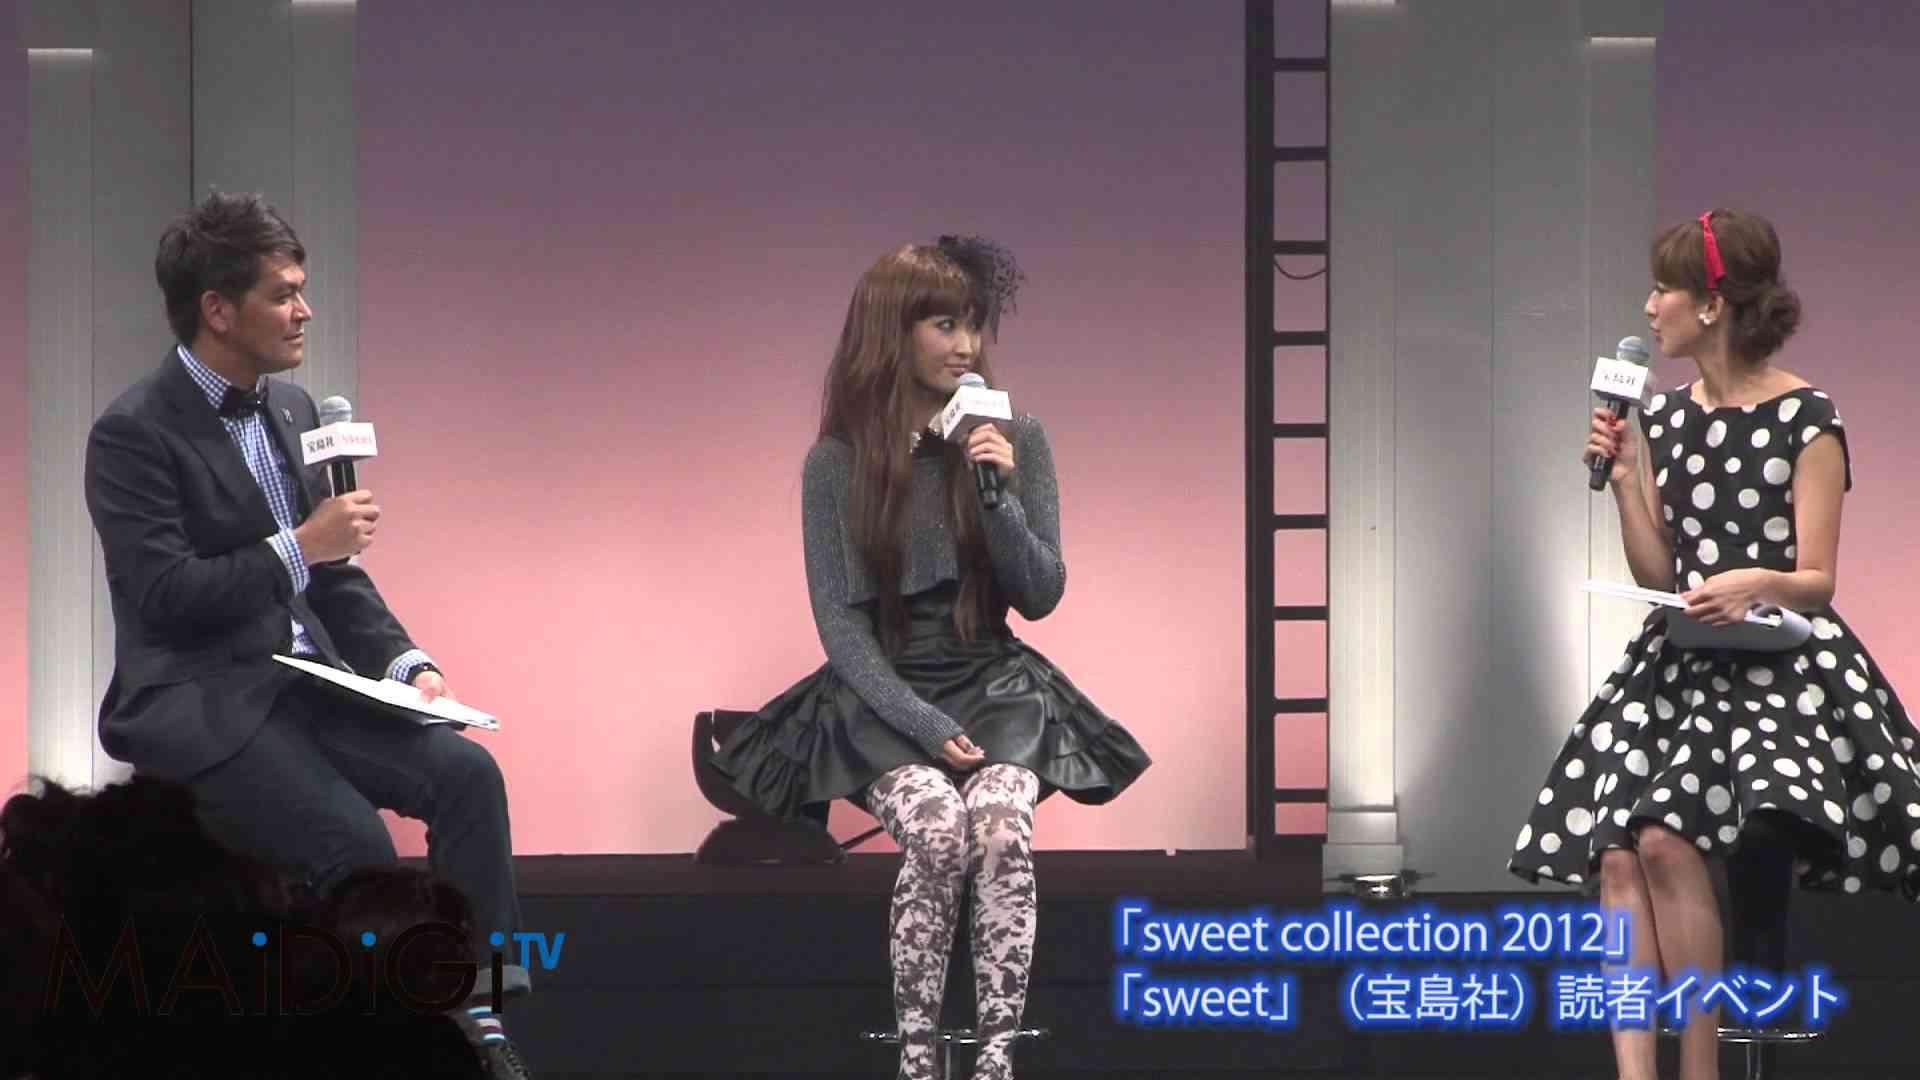 紗栄子登場! 「sweet collection 2012」 - YouTube